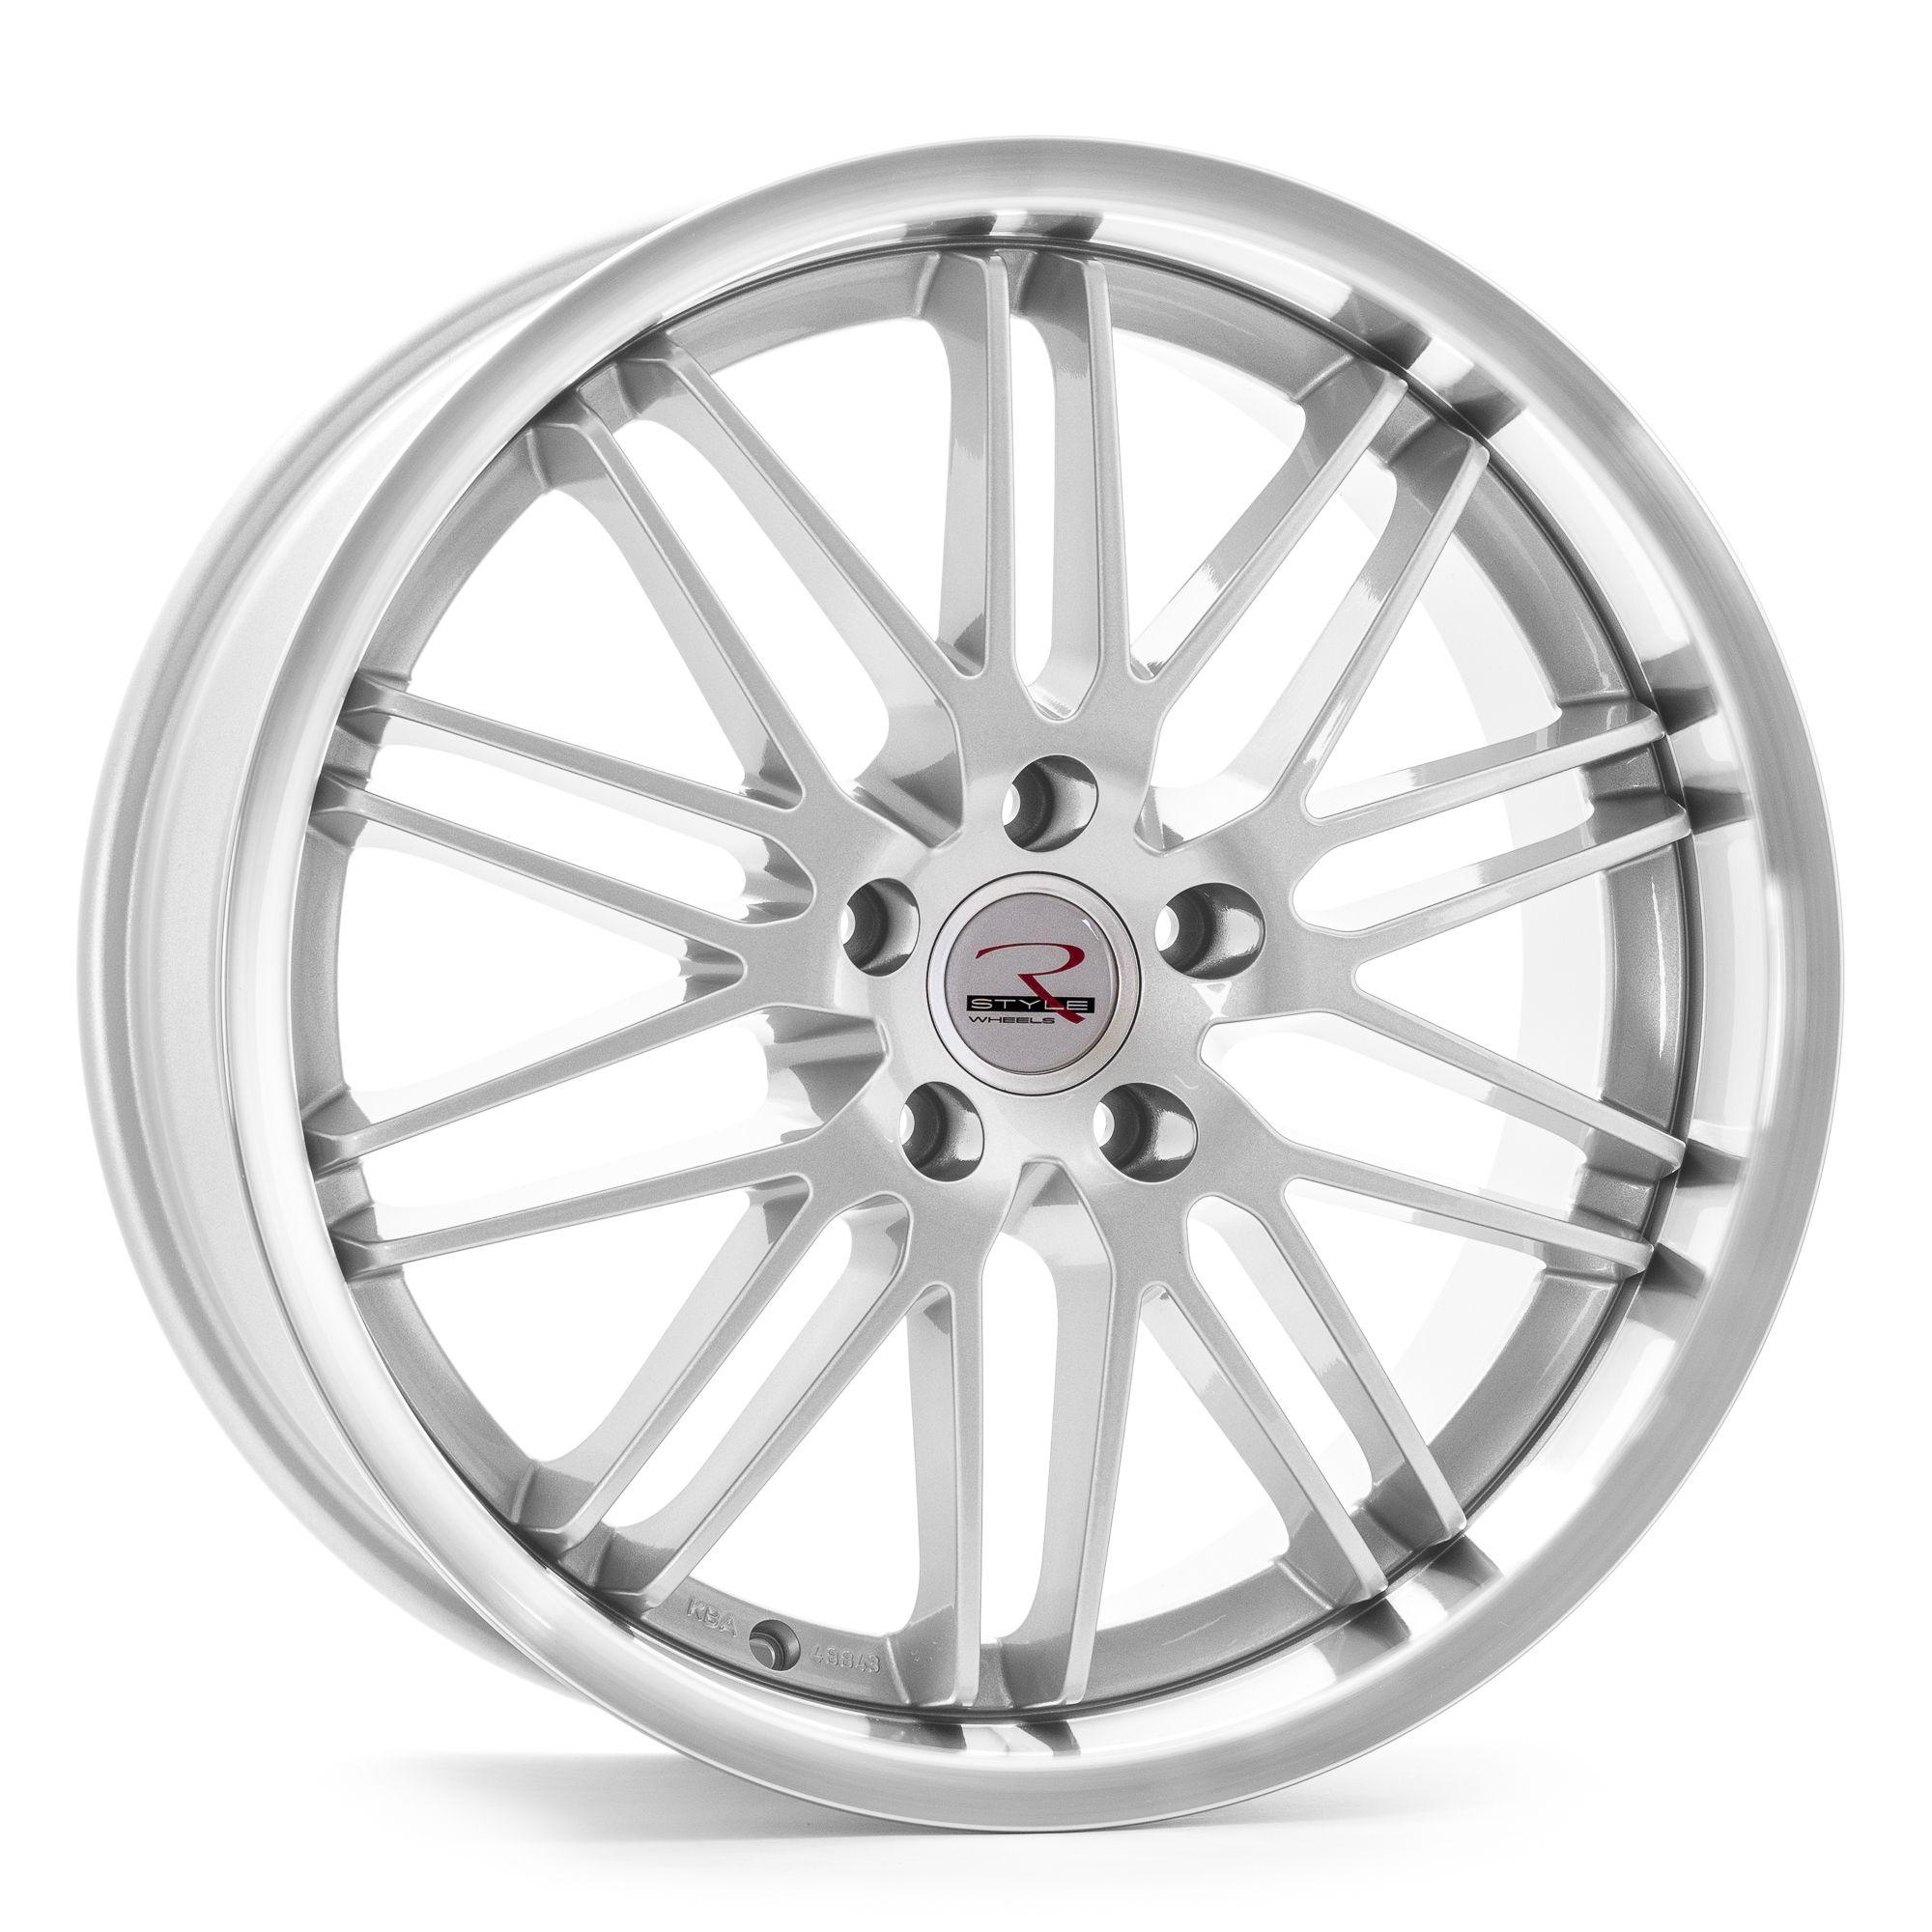 rstyle wheels sr10 felgen silver horn polished silber. Black Bedroom Furniture Sets. Home Design Ideas